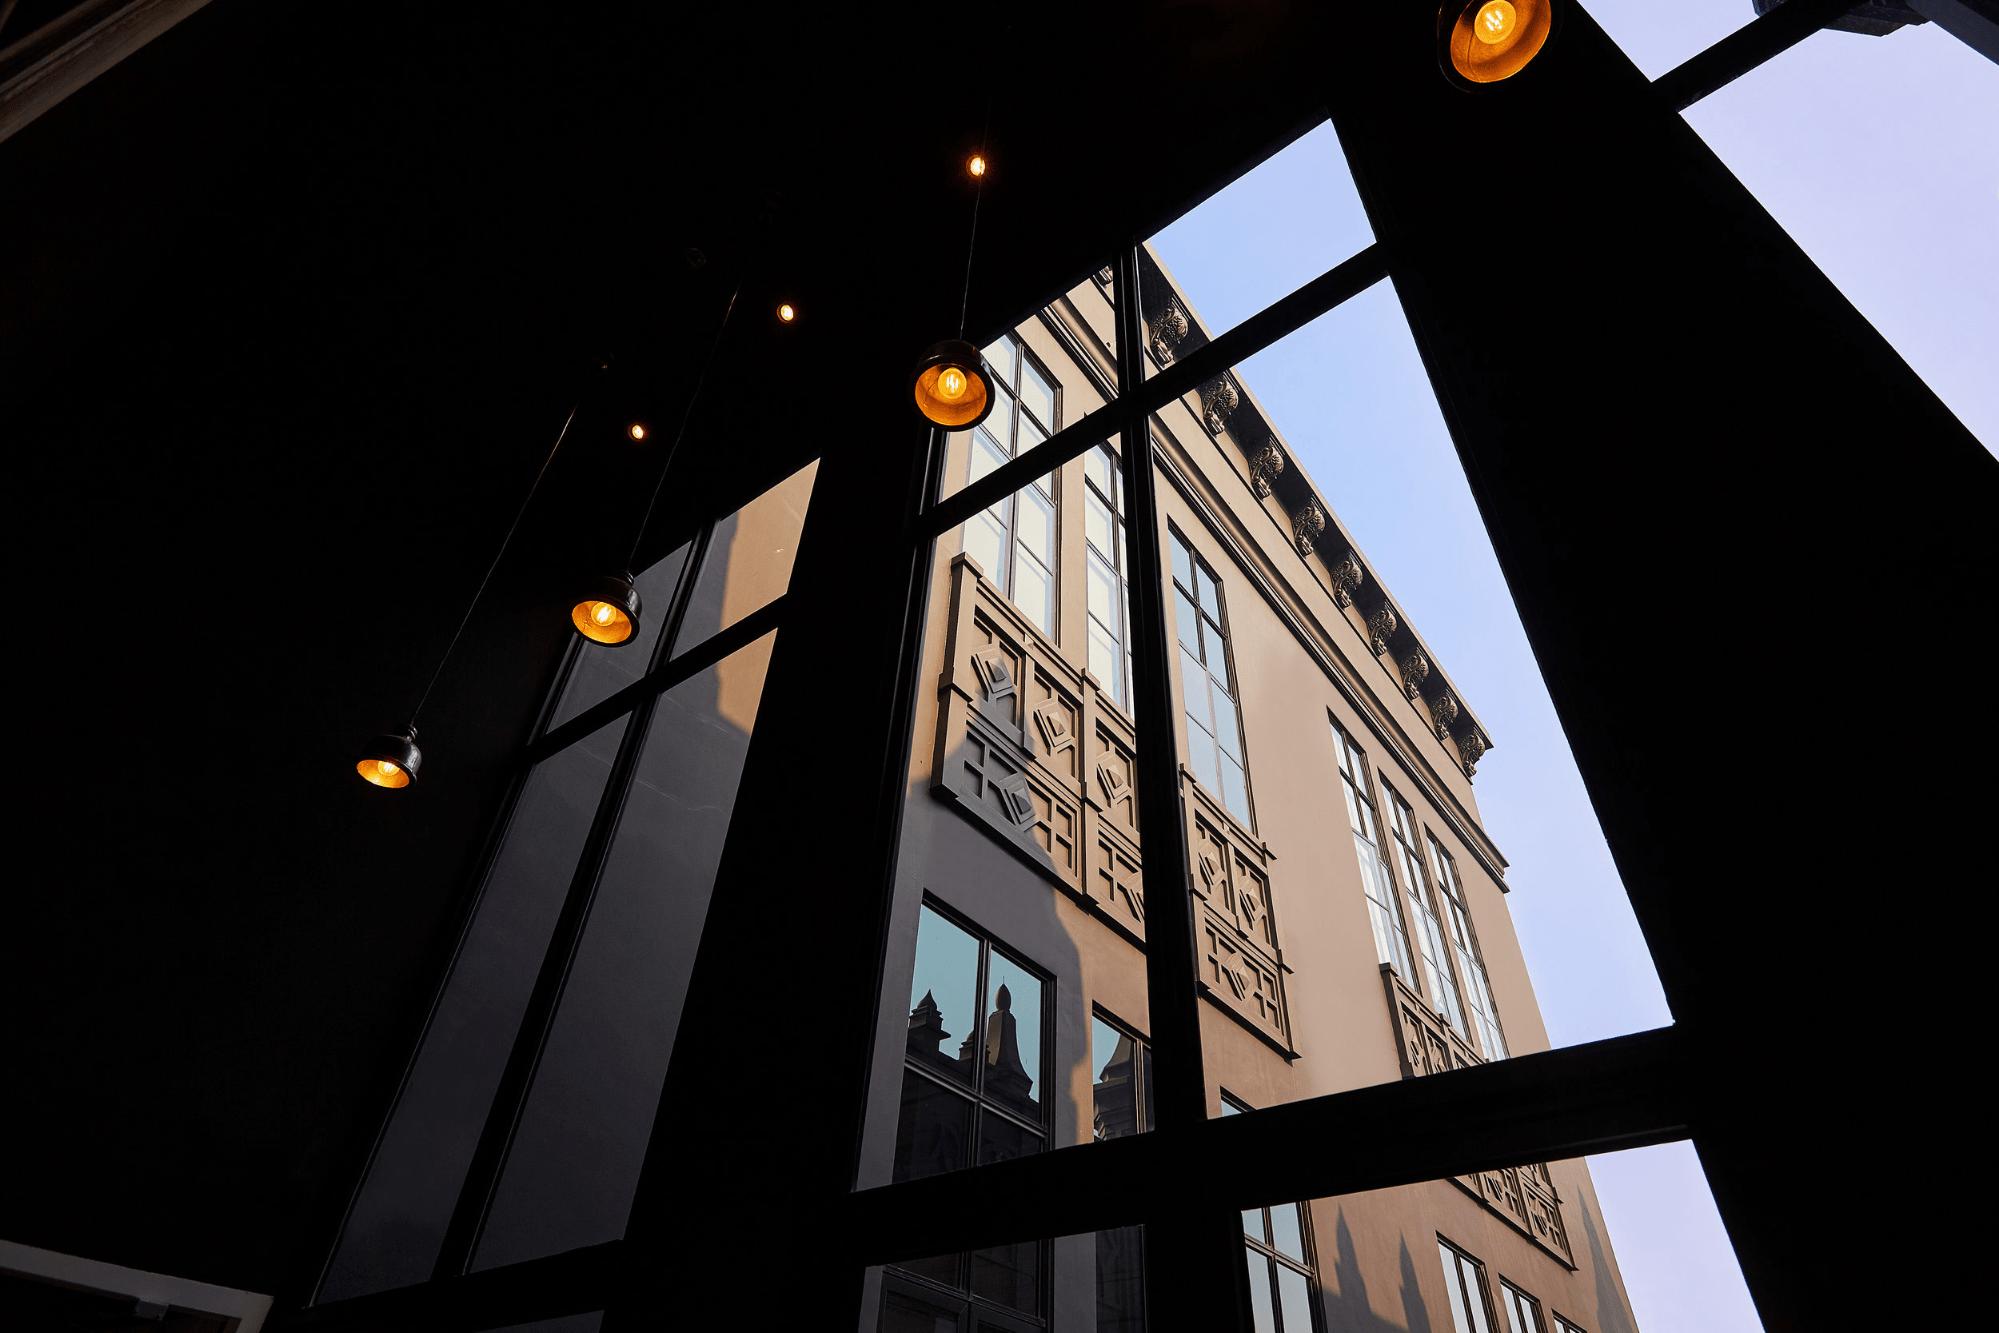 The Mill windows